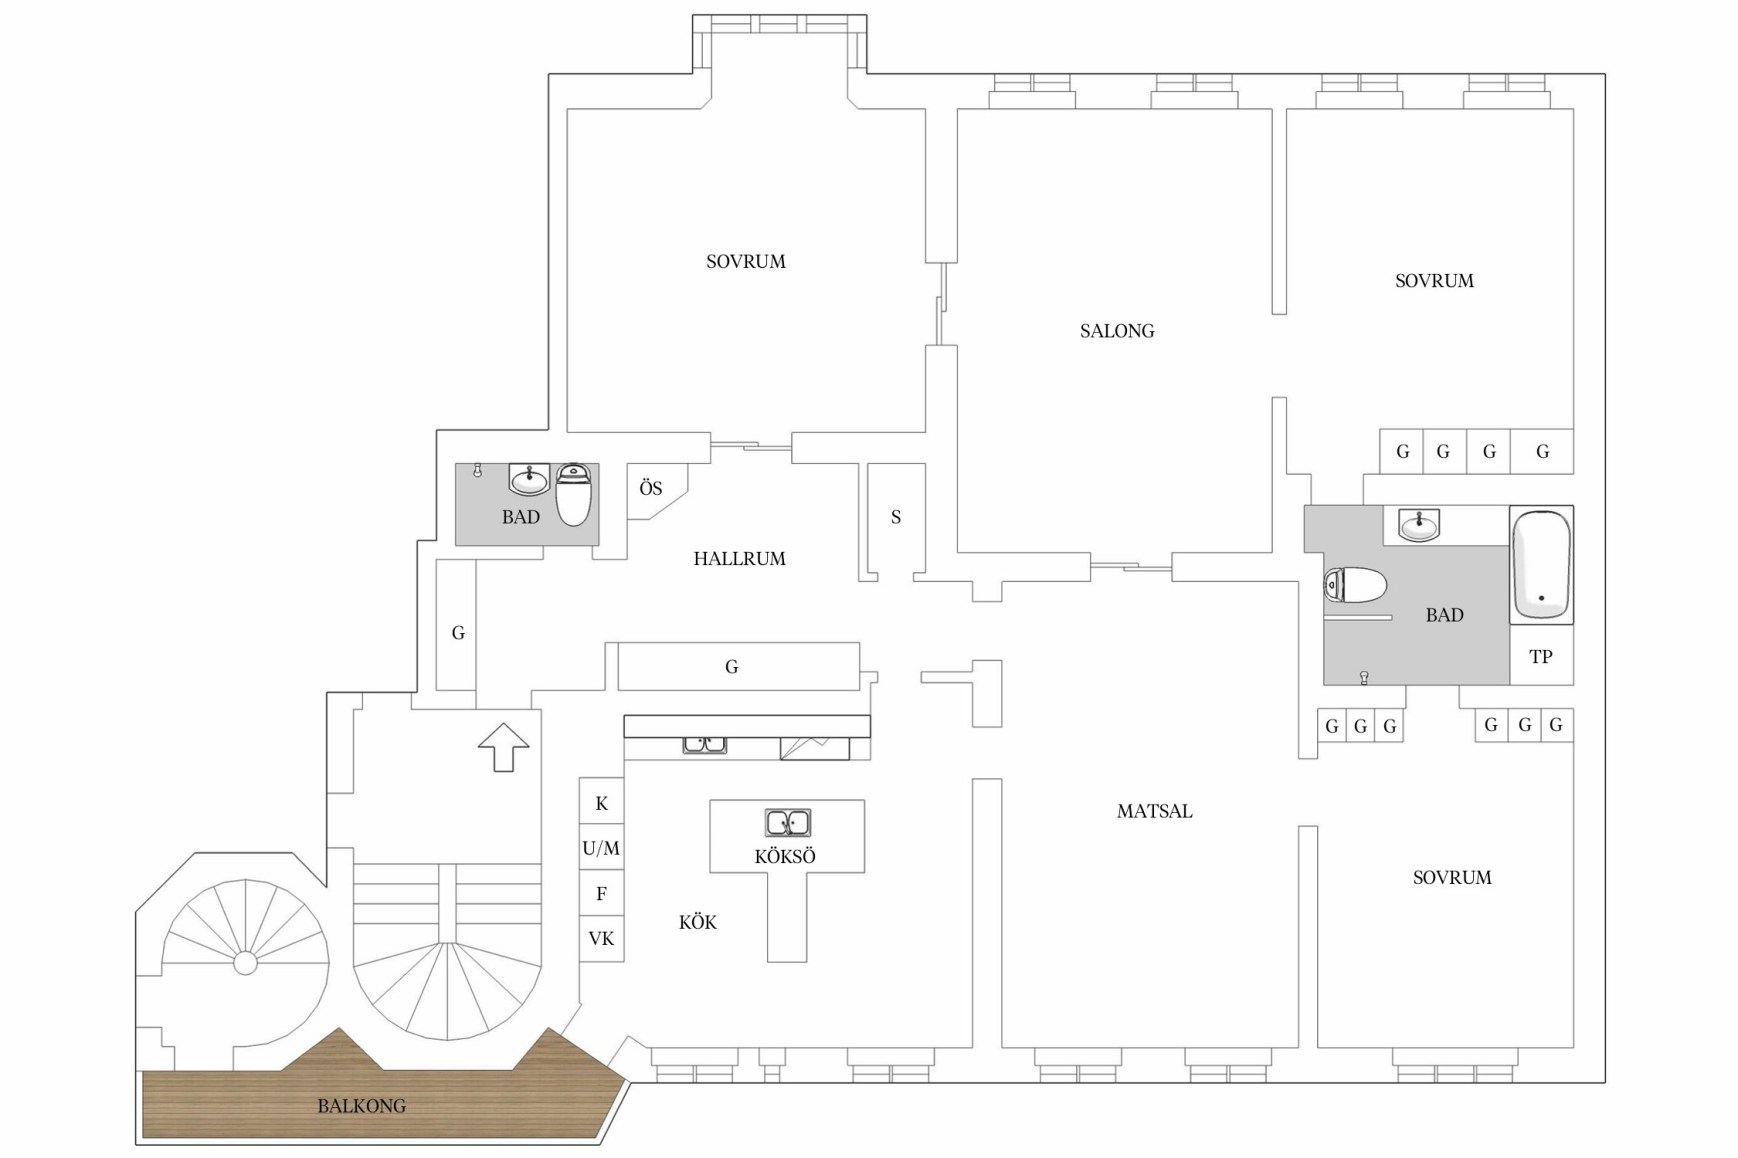 210 sqm floor plan